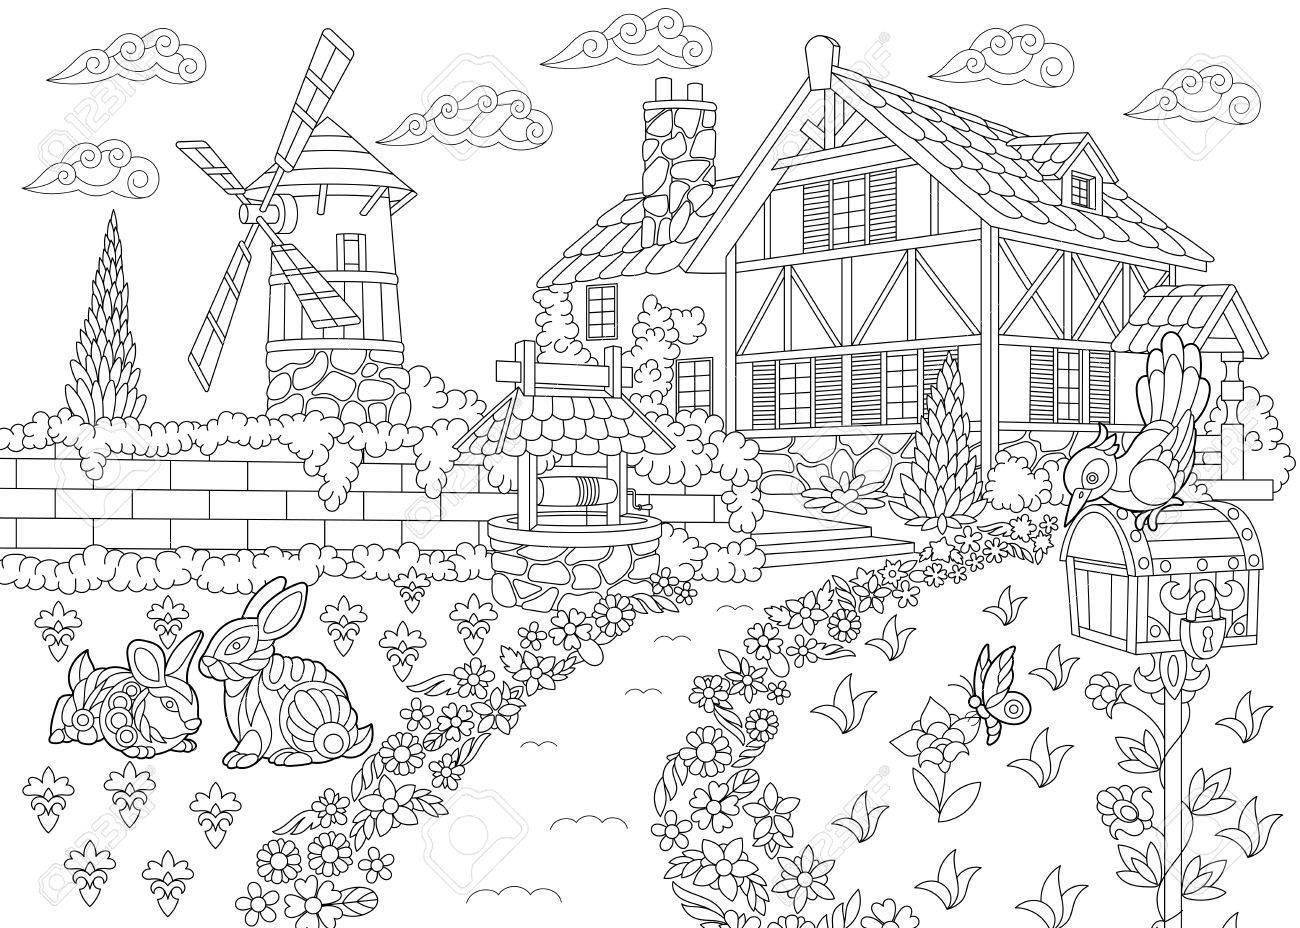 Dibujo Para Colorear De Paisaje Rural Casa De La Granja Molino De Viento Pozo De Agua Buzón Conejos Y Pájaro Carpintero Dibujo Boceto A Mano